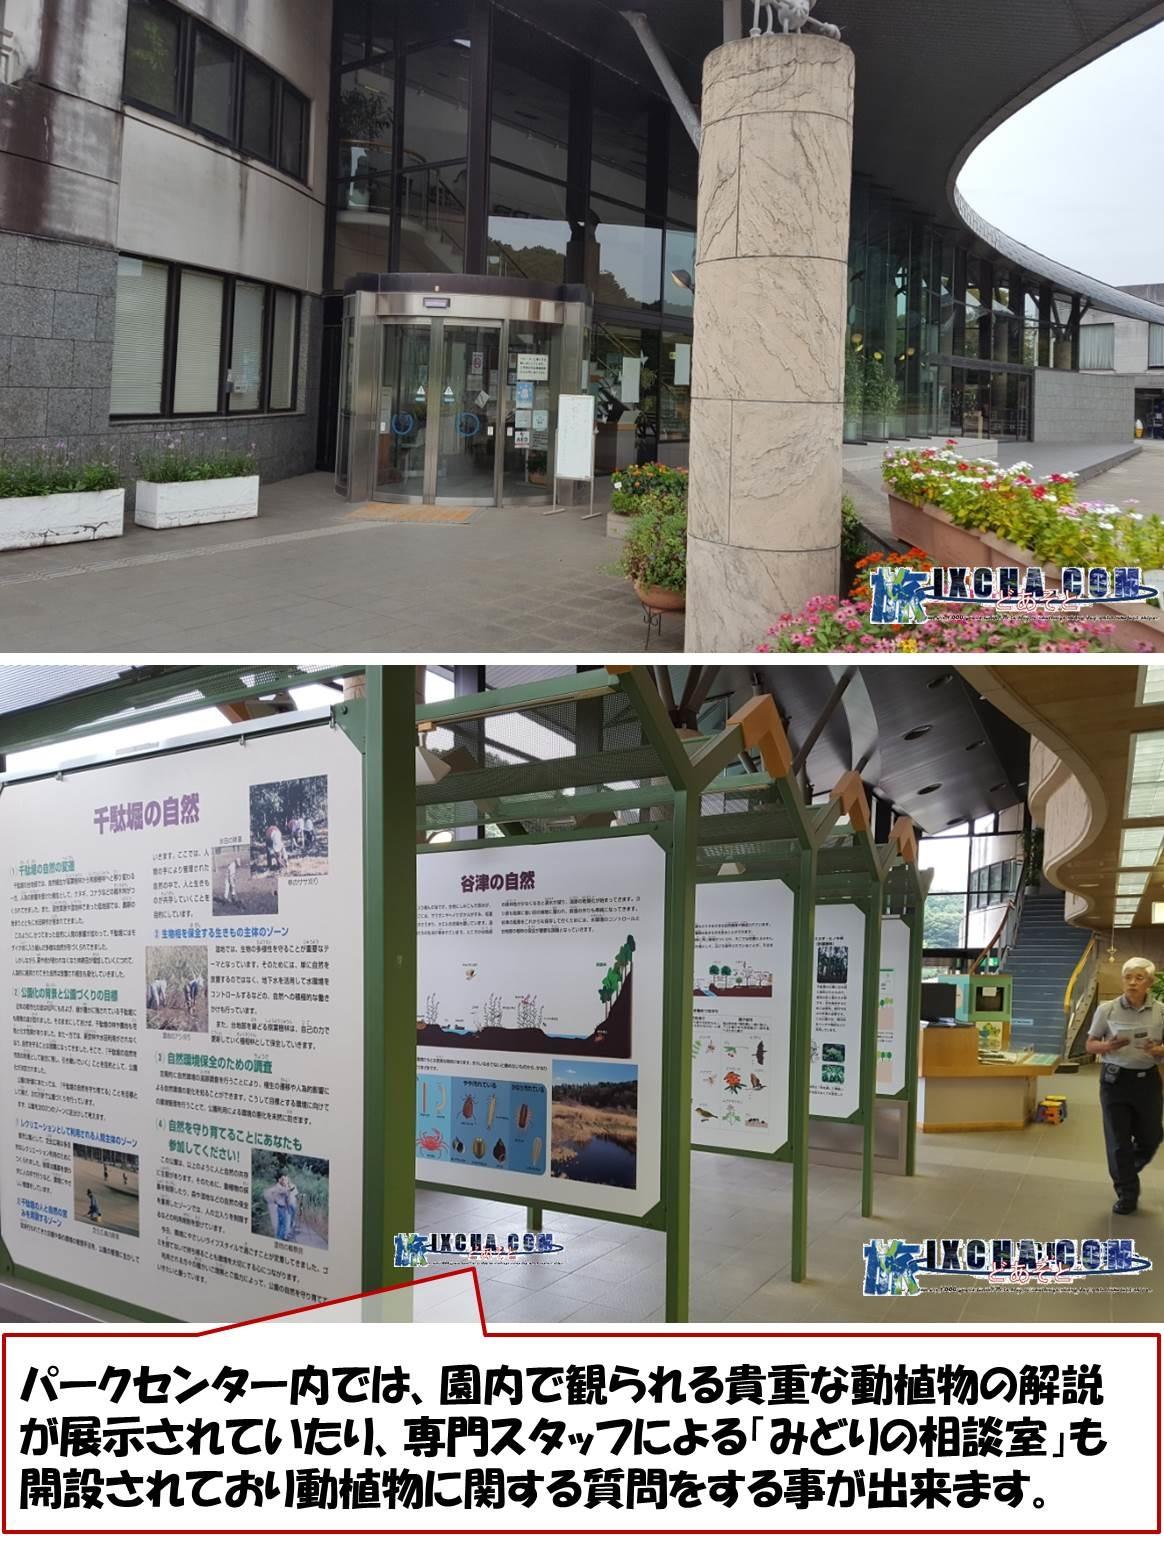 パークセンター内では、園内で観られる貴重な動植物の解説が展示されていたり、専門スタッフによる「みどりの相談室」も開設されており動植物に関する質問をする事が出来ます。